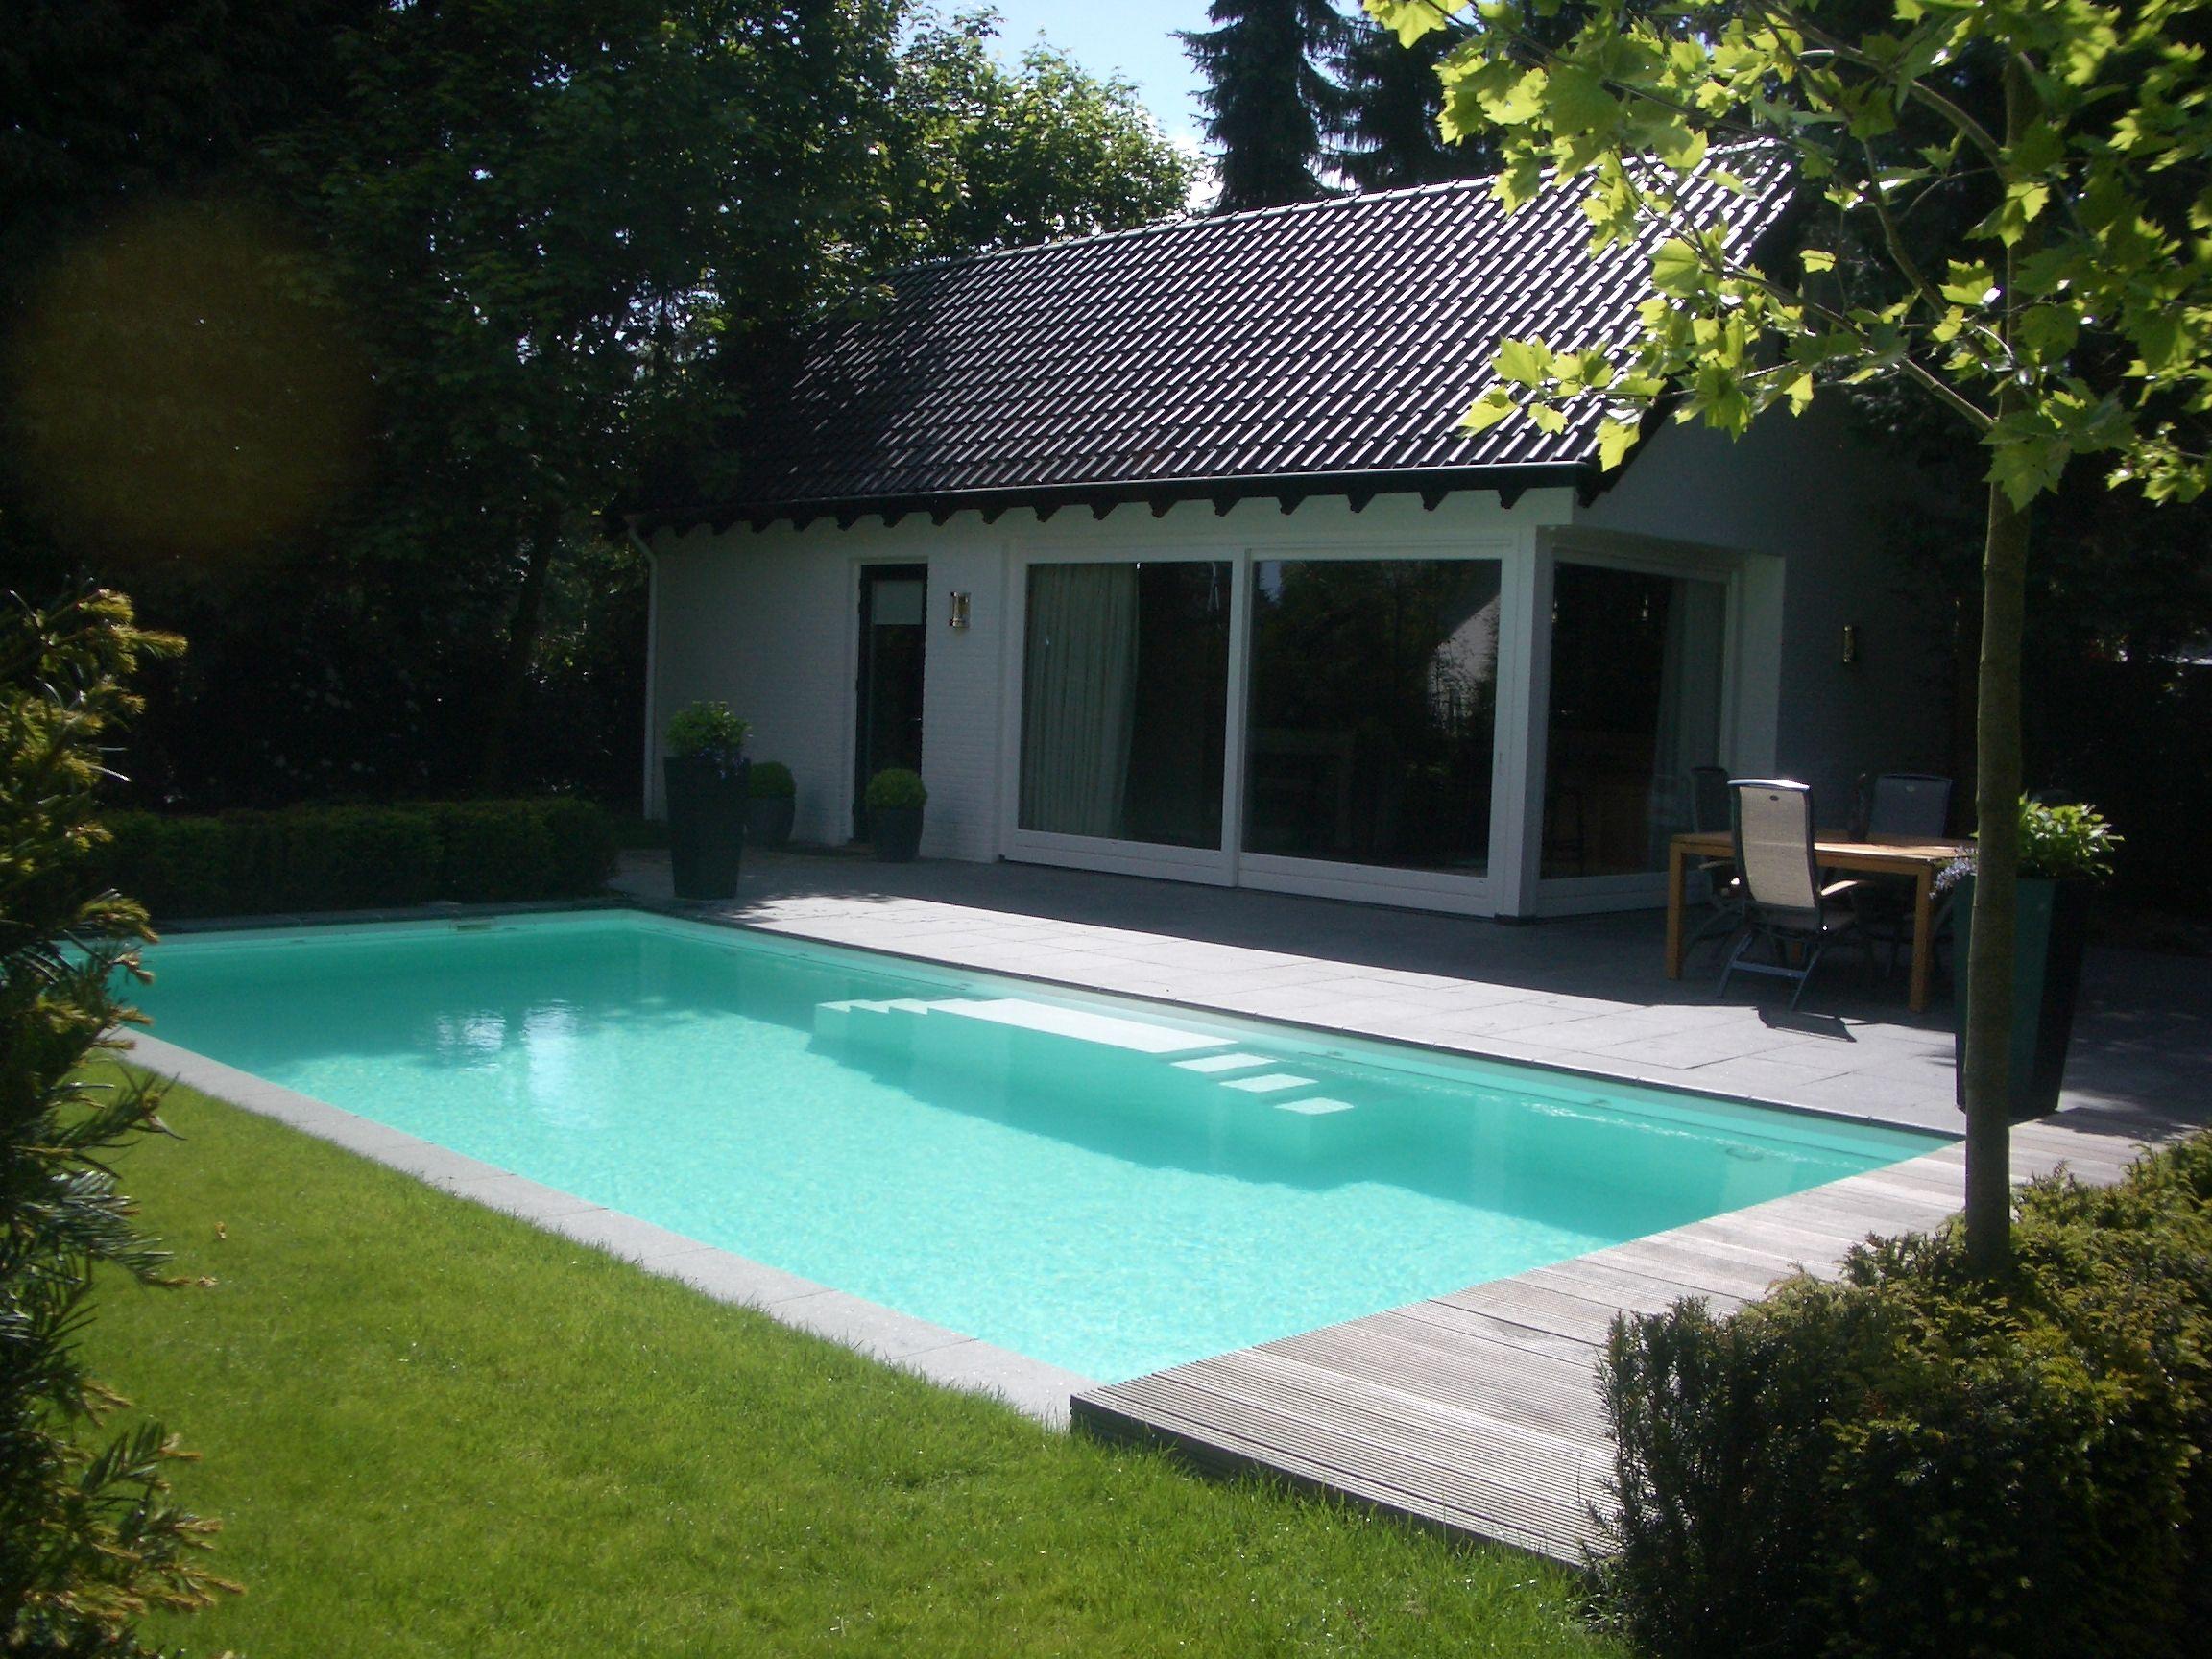 mooi zwembad in de tuin met witte folie en een trap aan de zijkant van het zwembad pools. Black Bedroom Furniture Sets. Home Design Ideas